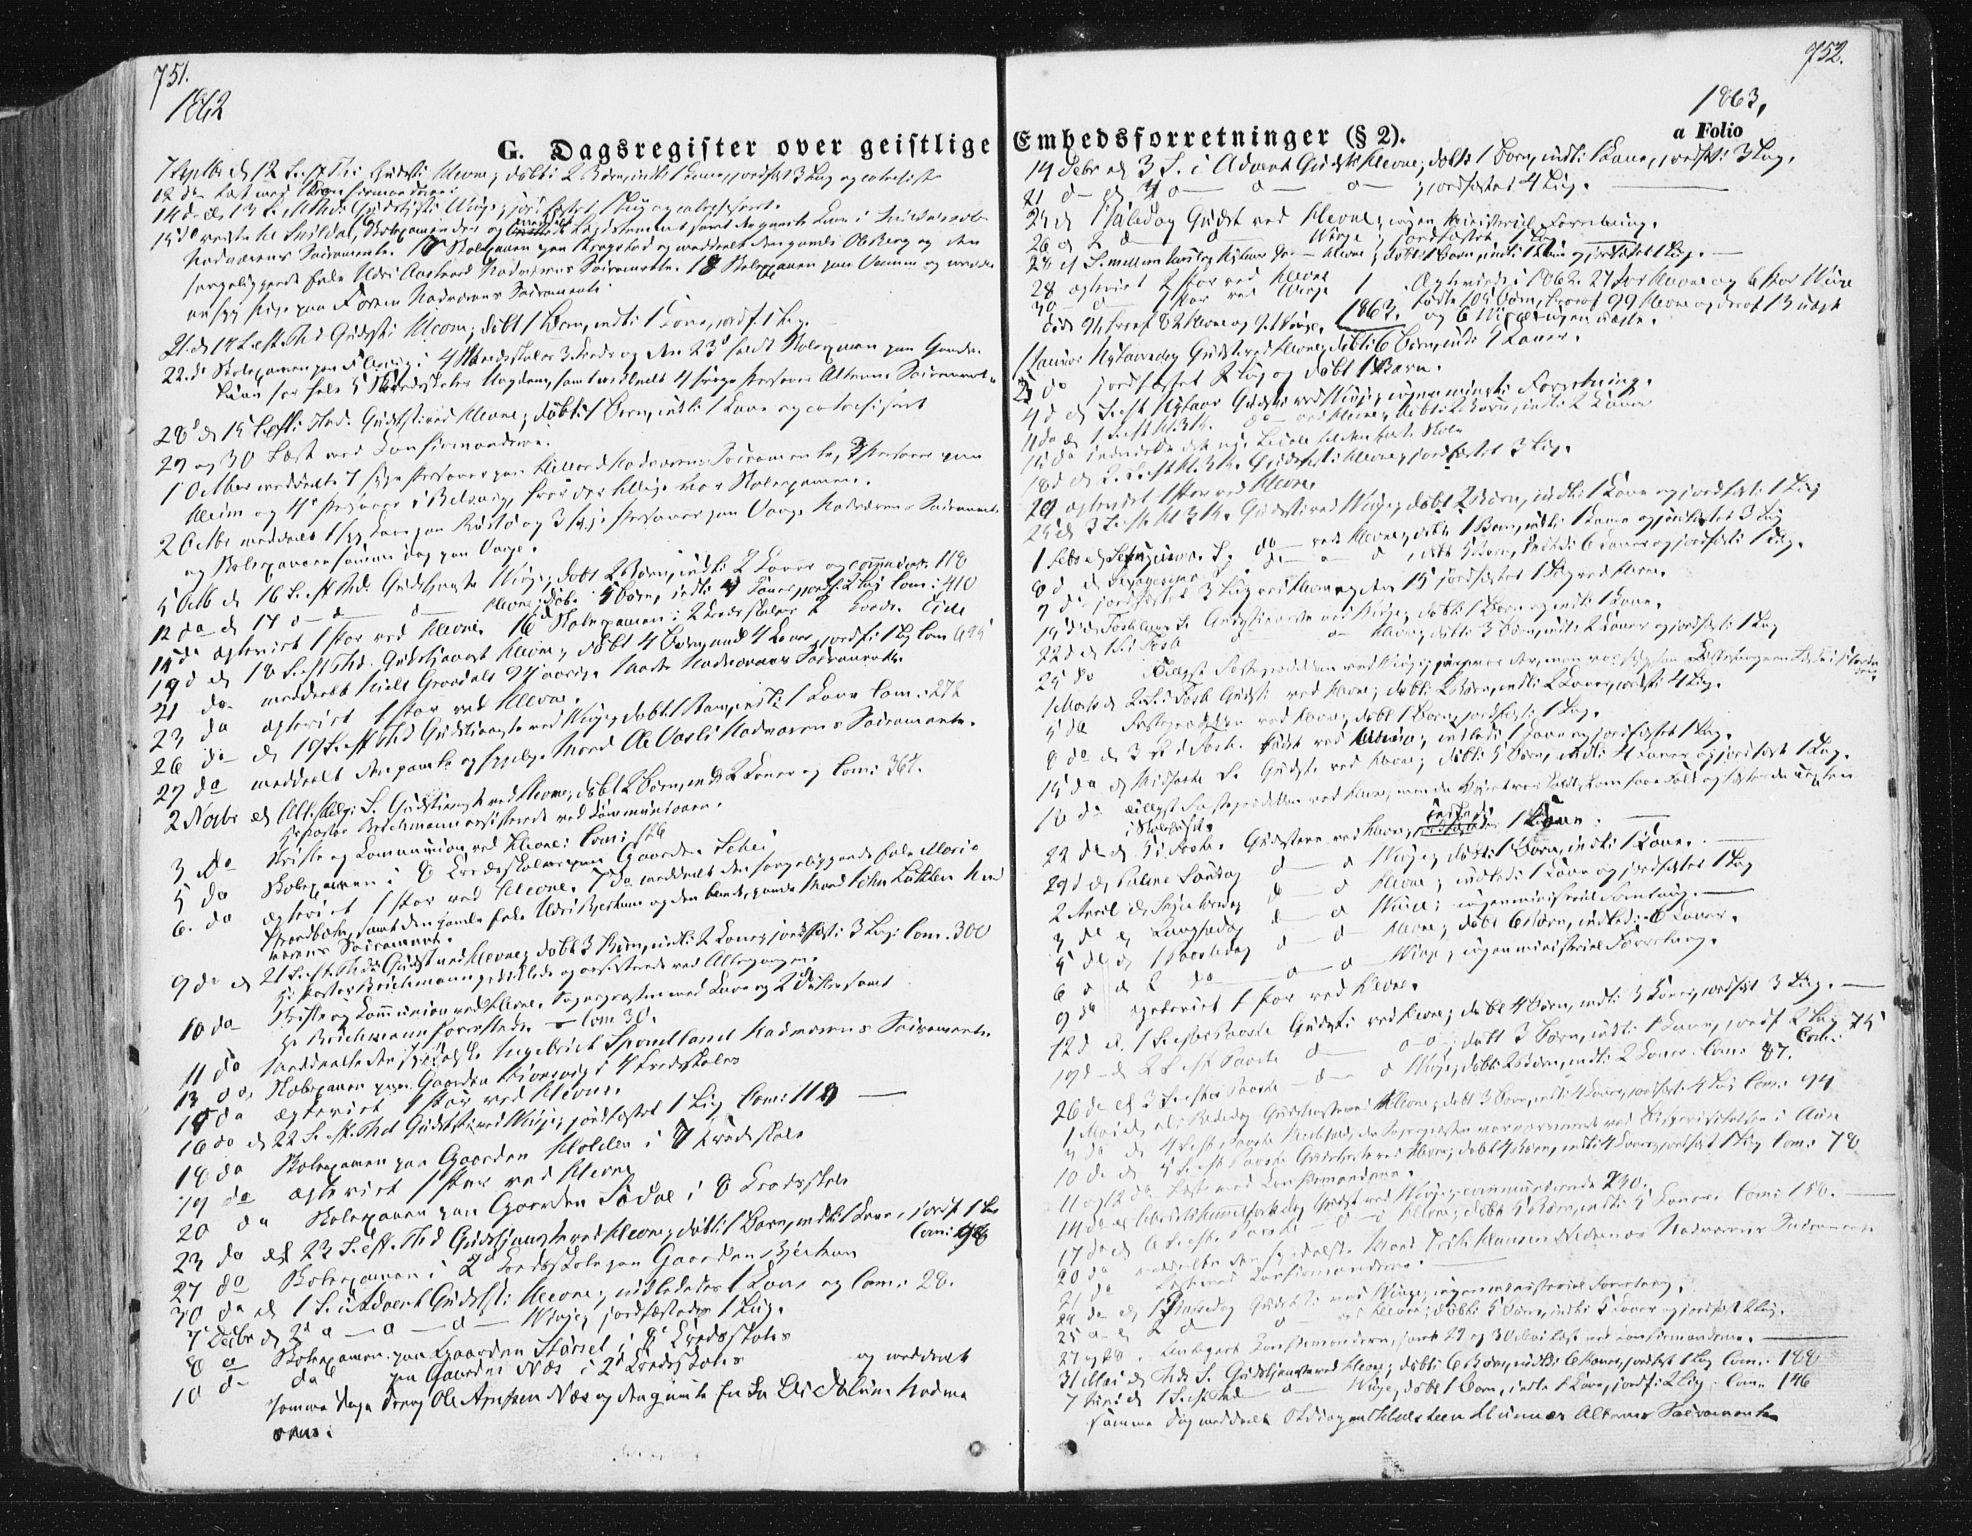 SAT, Ministerialprotokoller, klokkerbøker og fødselsregistre - Sør-Trøndelag, 630/L0494: Ministerialbok nr. 630A07, 1852-1868, s. 751-752